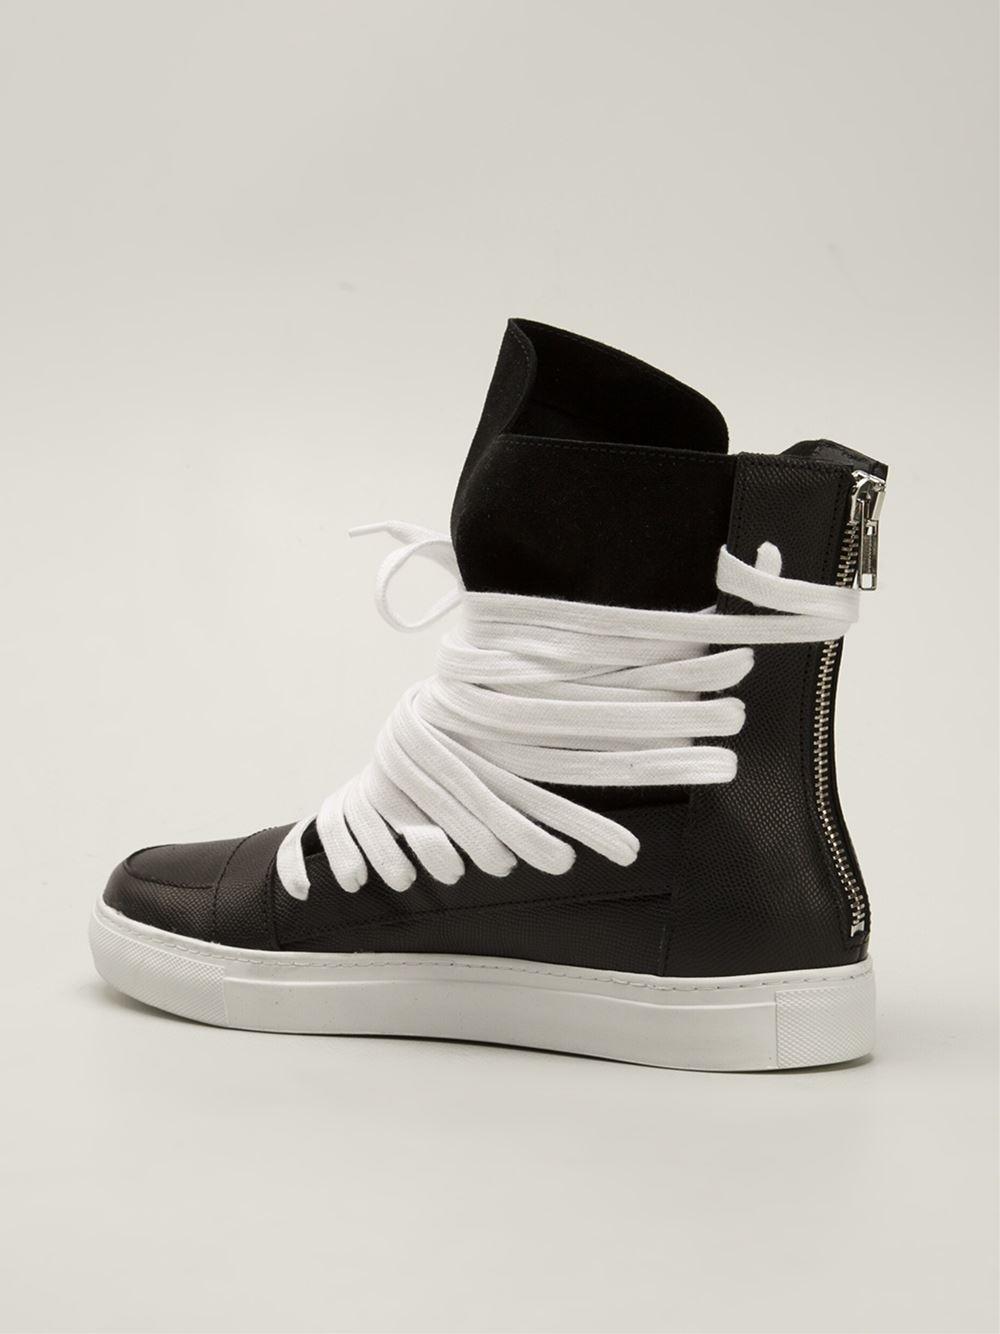 Lyst - Kris Van Assche Panelled Hi-Top Sneakers in Black for Men fdce2eb50